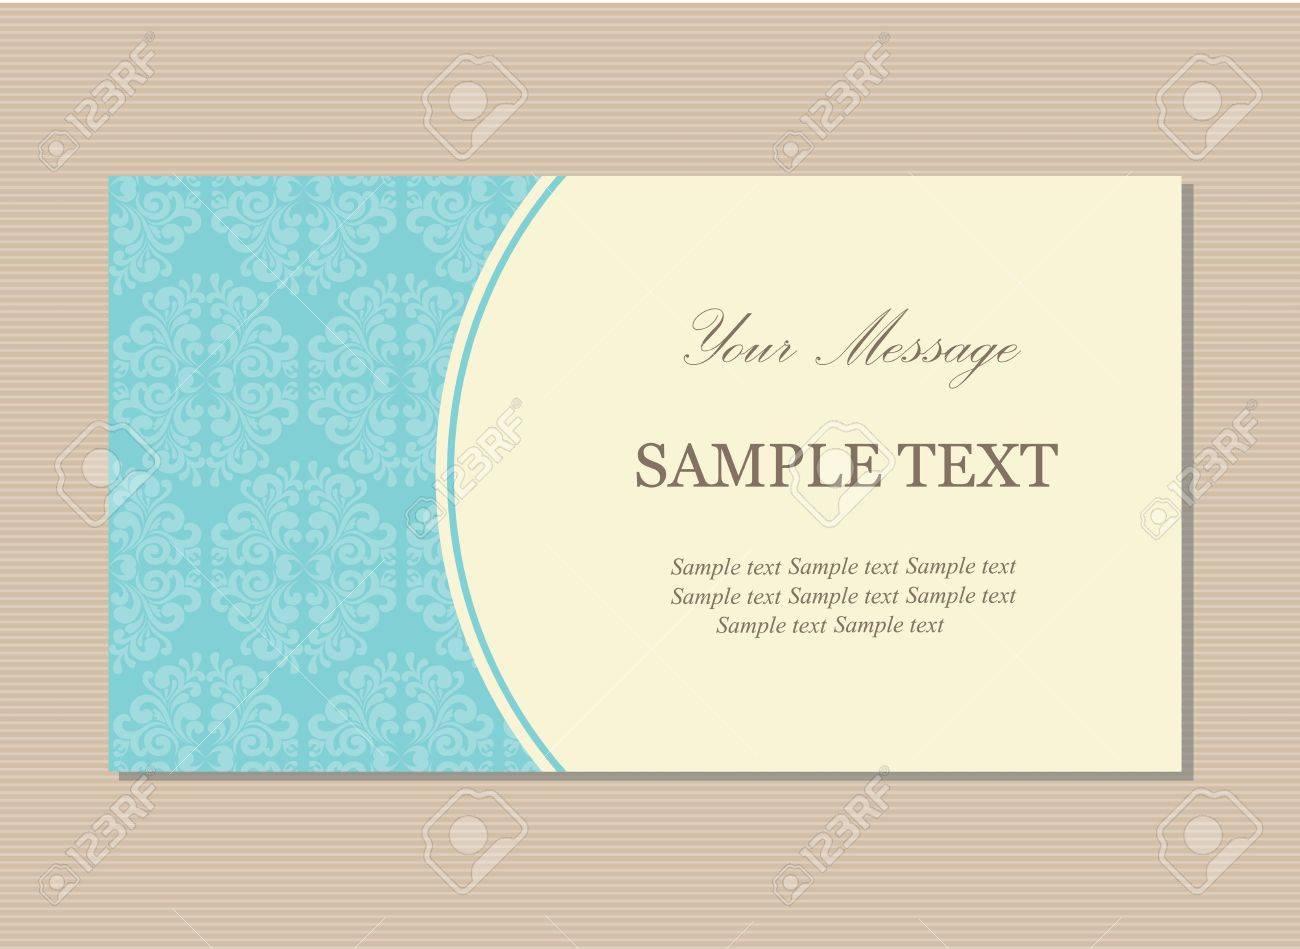 Floral Vintage Business Or Invitation Card Royalty Free Cliparts – Invitation Card Business